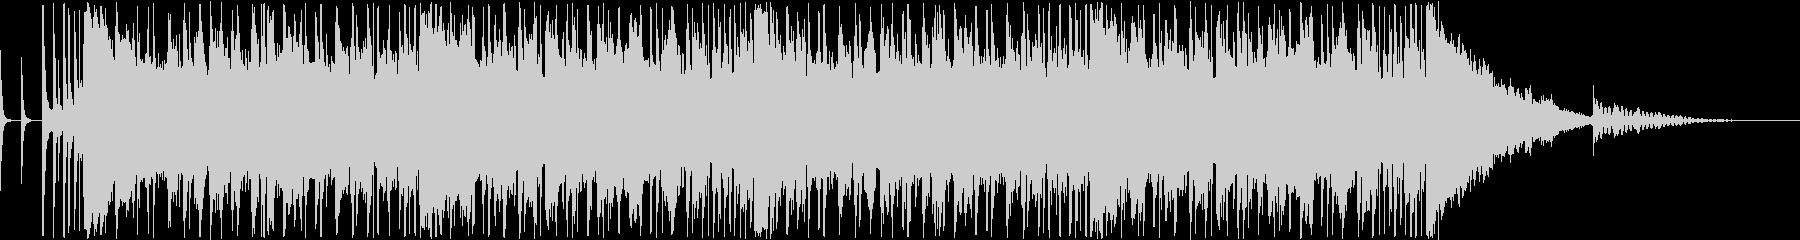 ダーク&パワフル。ラップ×バンドサウンドの未再生の波形